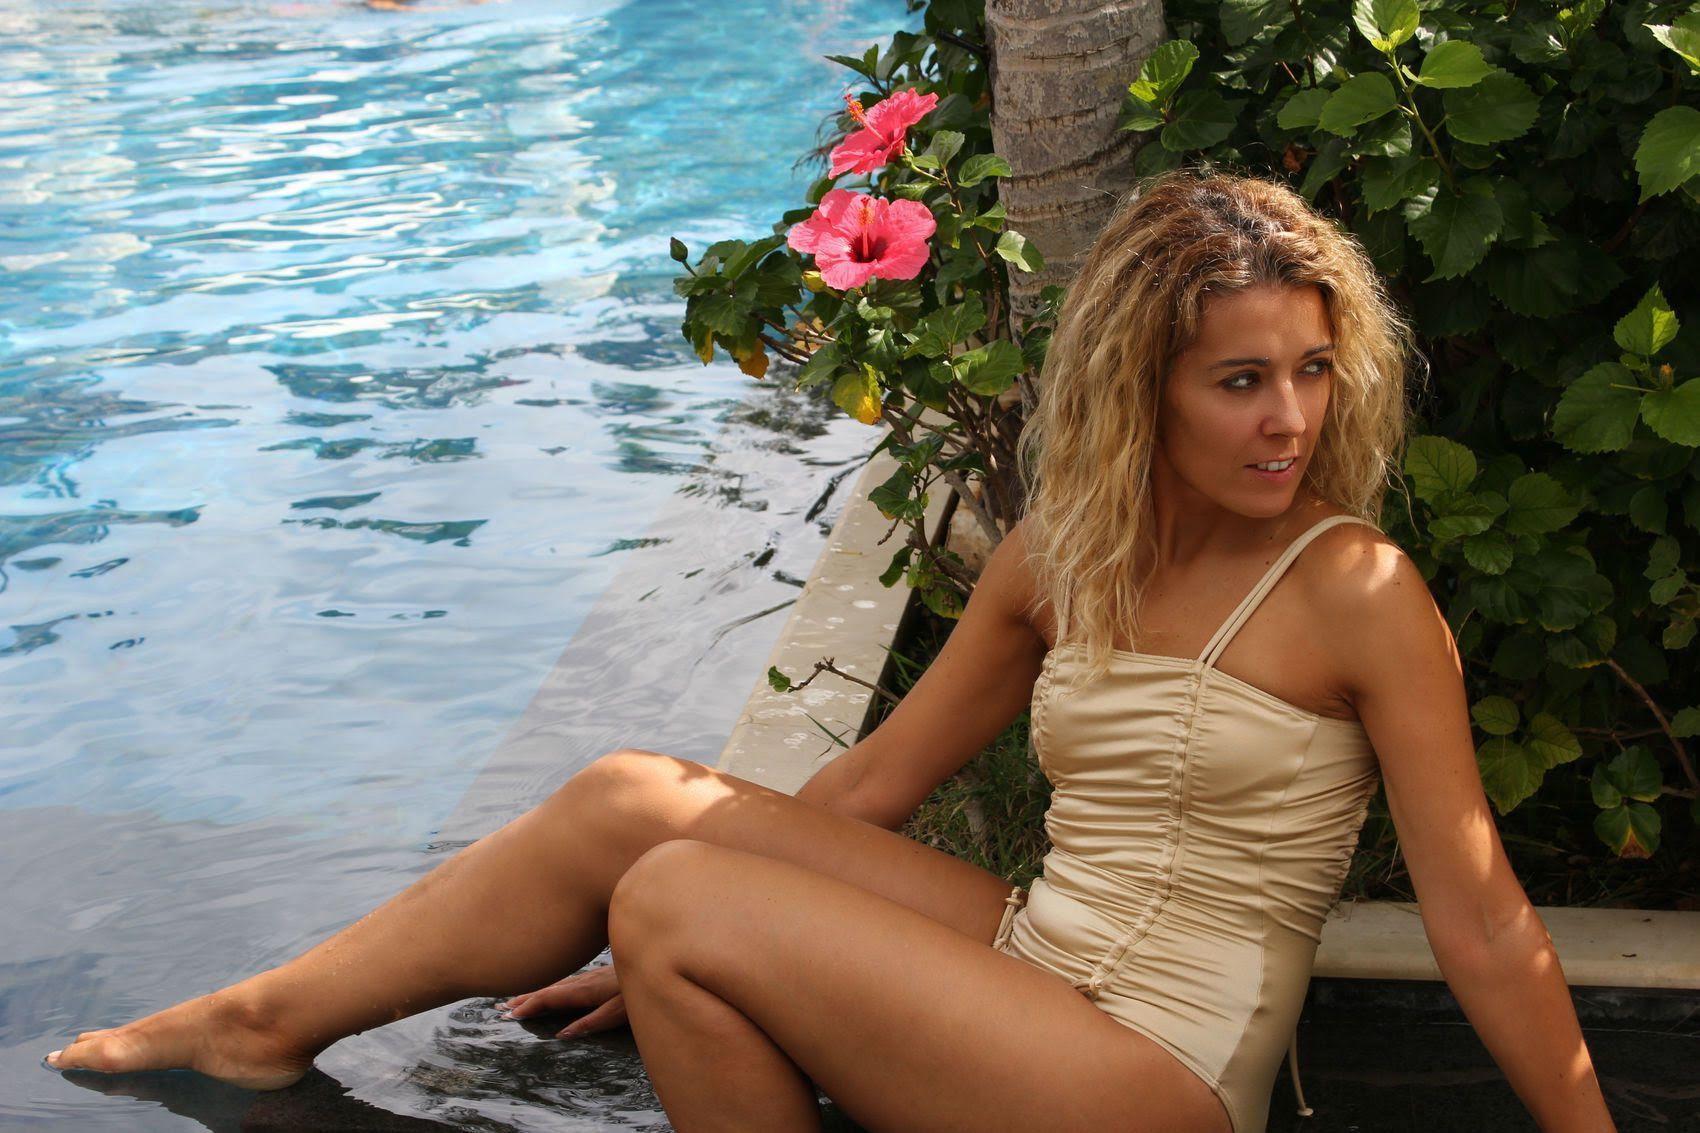 Alicia Martinez Dorado – Image Consultant, Personal Shopper, Brand Ambassador, Travel Blogger And Influencer